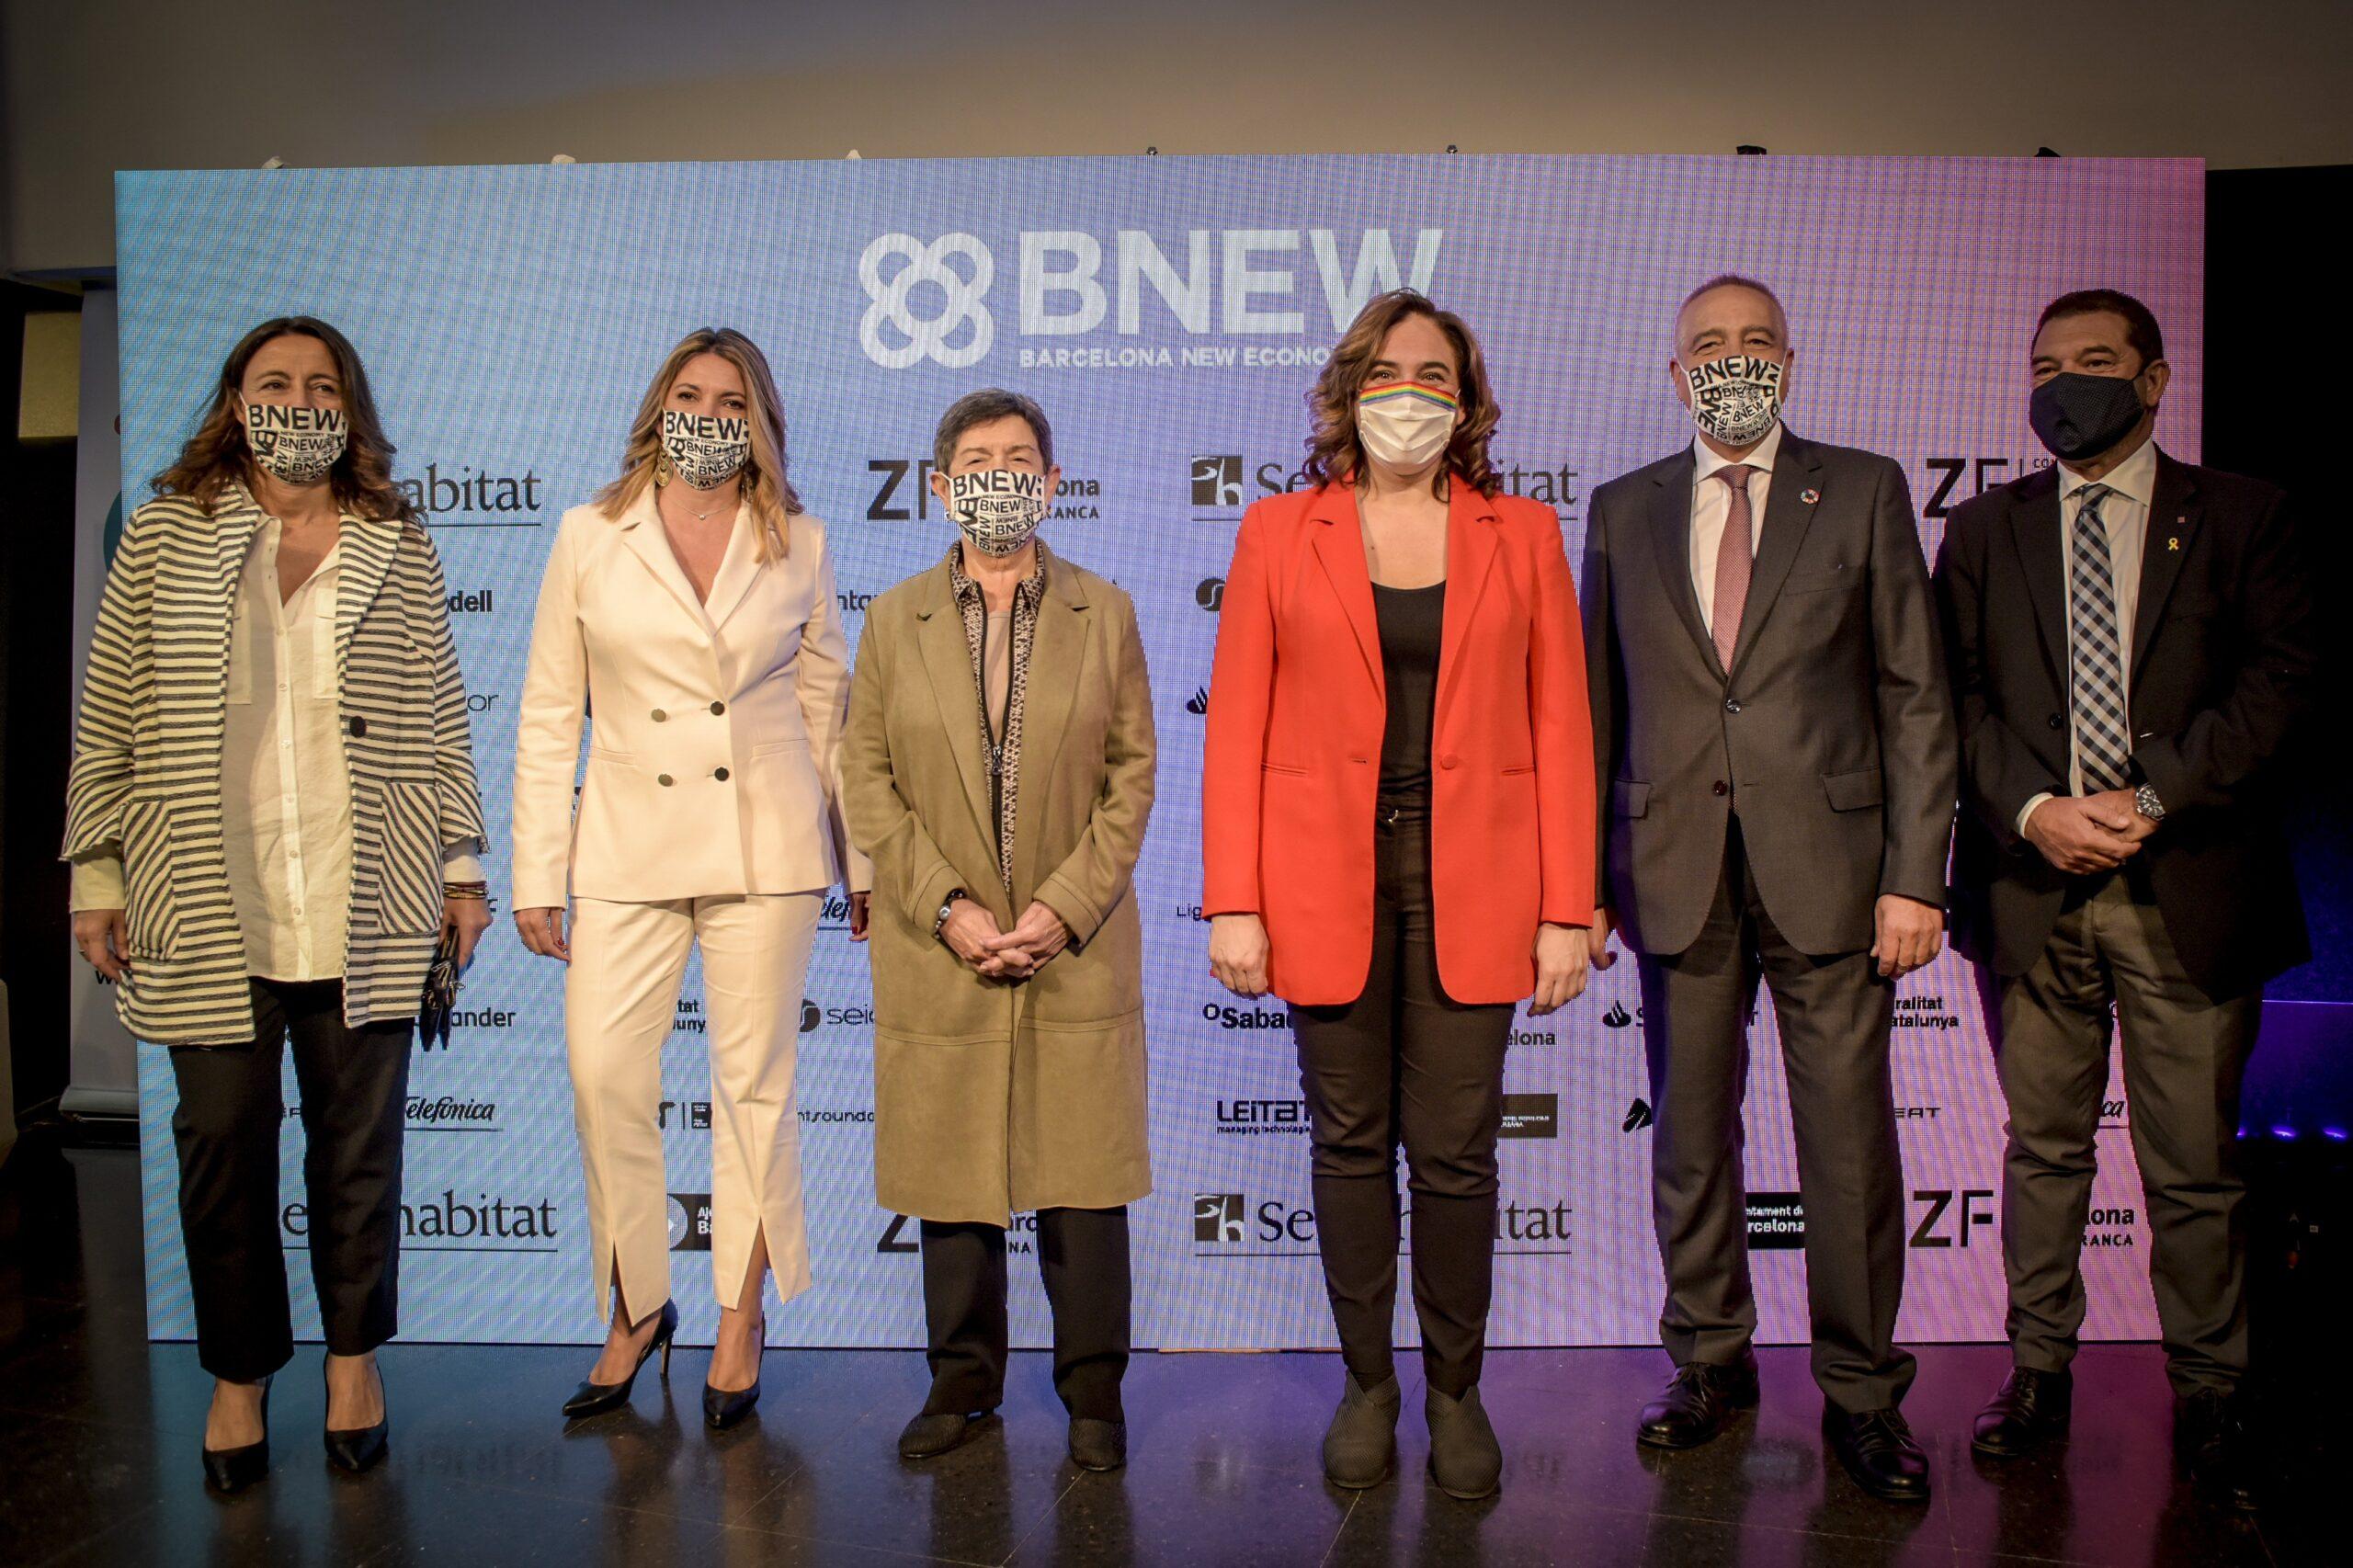 Inauguració de la Barcelona New Economy Week – BNEW